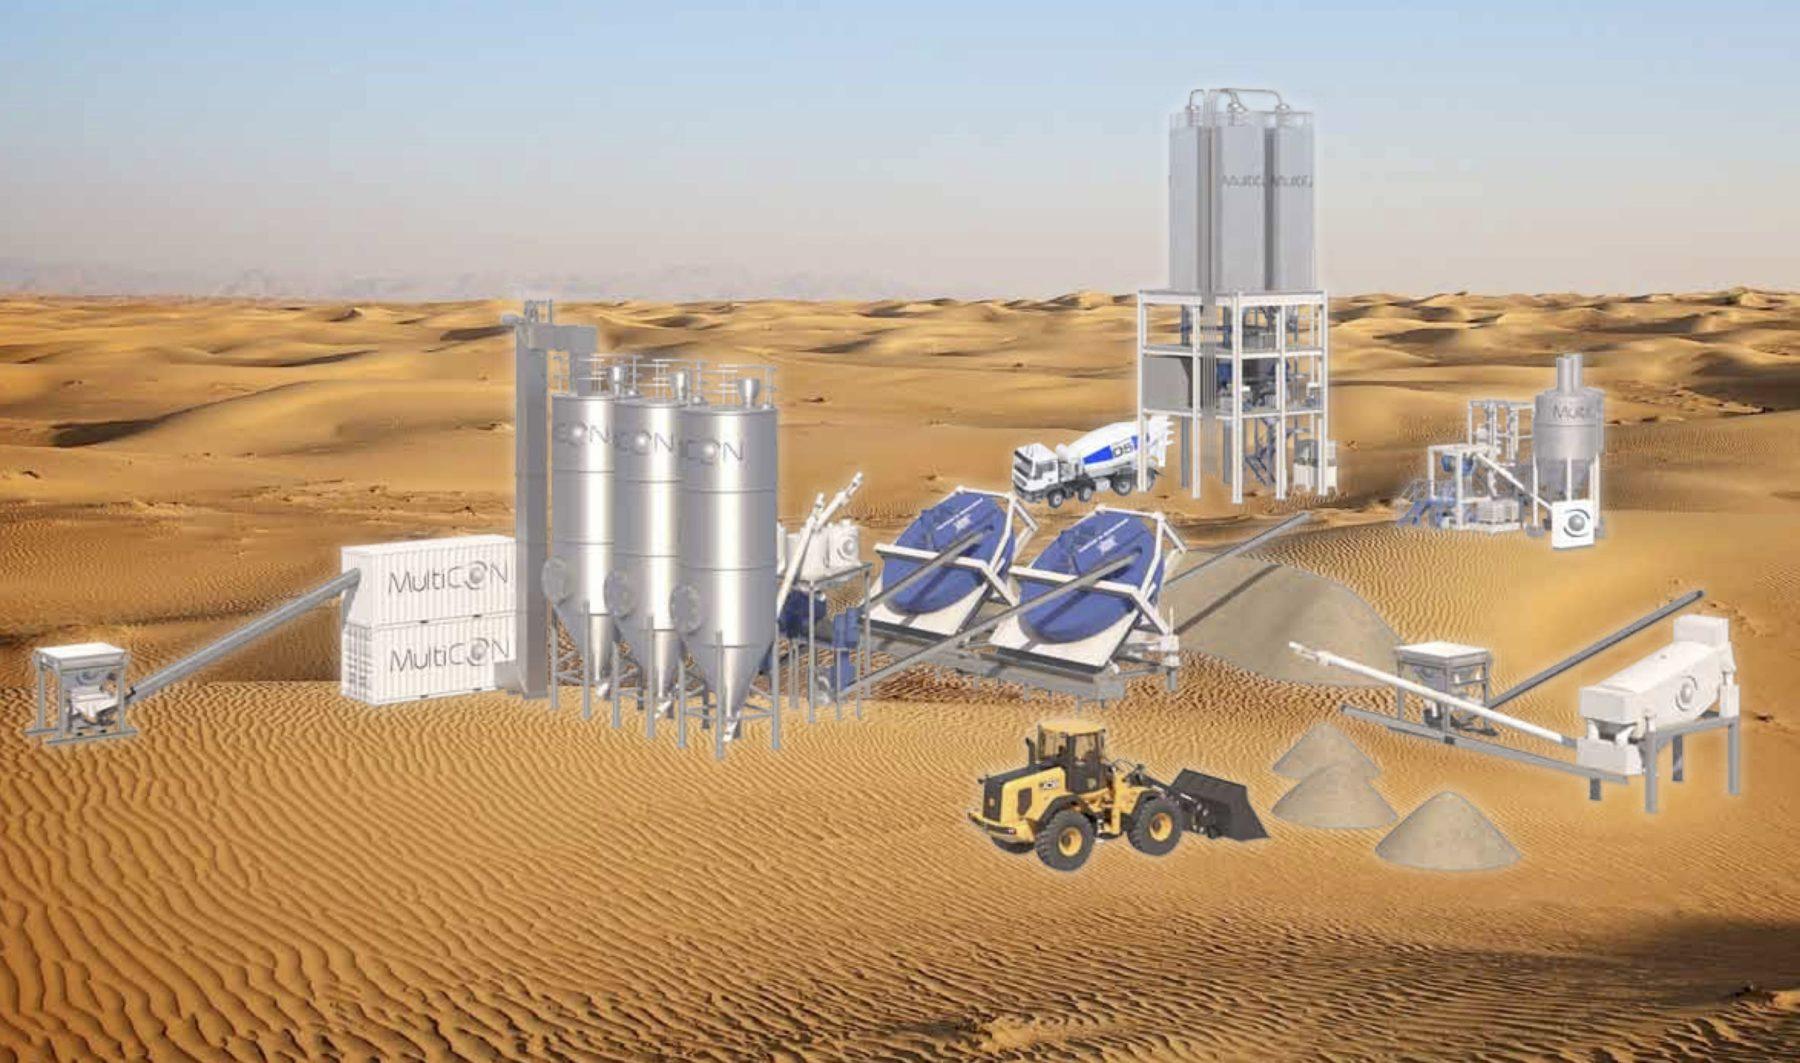 Keine Utopie mehr: Wüstensand lässt sich zu Betonzuschlagstoffen aufarbeiten. Abbildungen: MultiCON